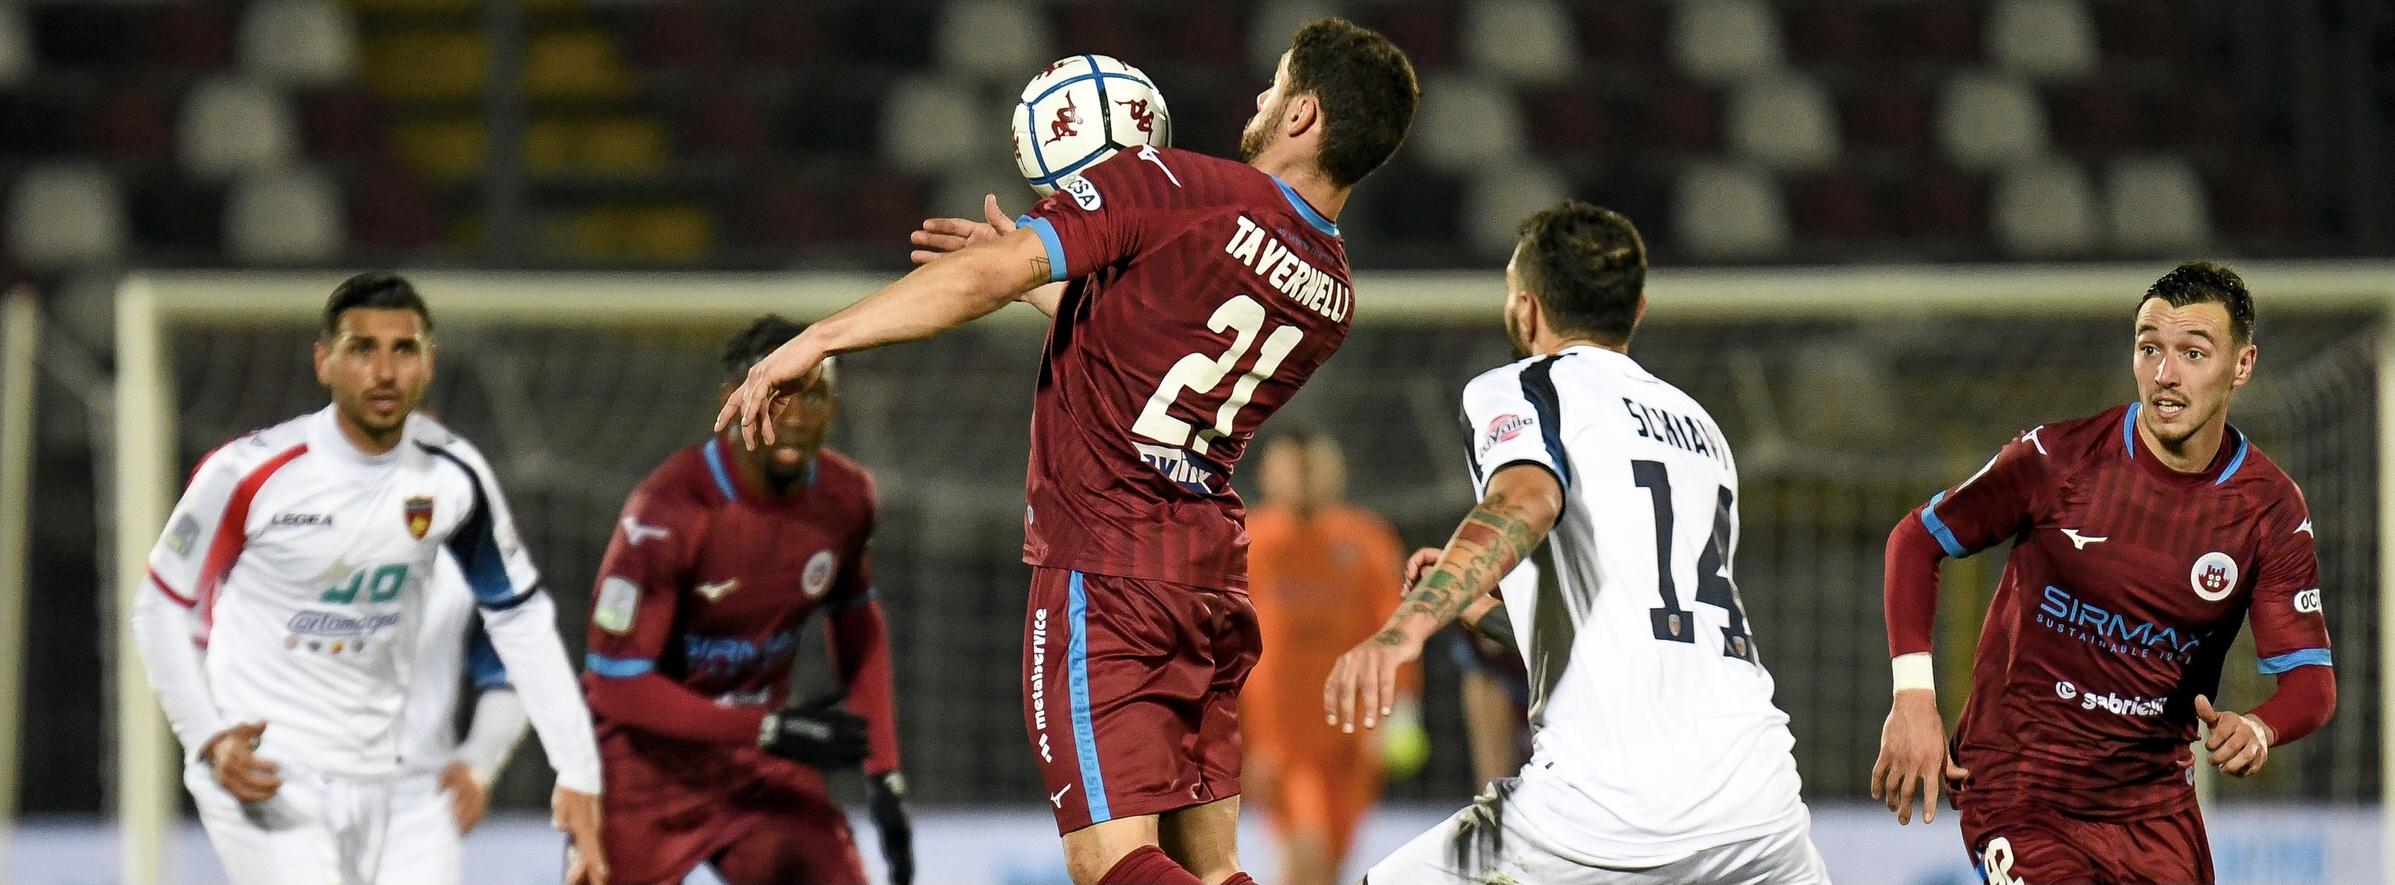 Cittadella – Cosenza 1 – 1